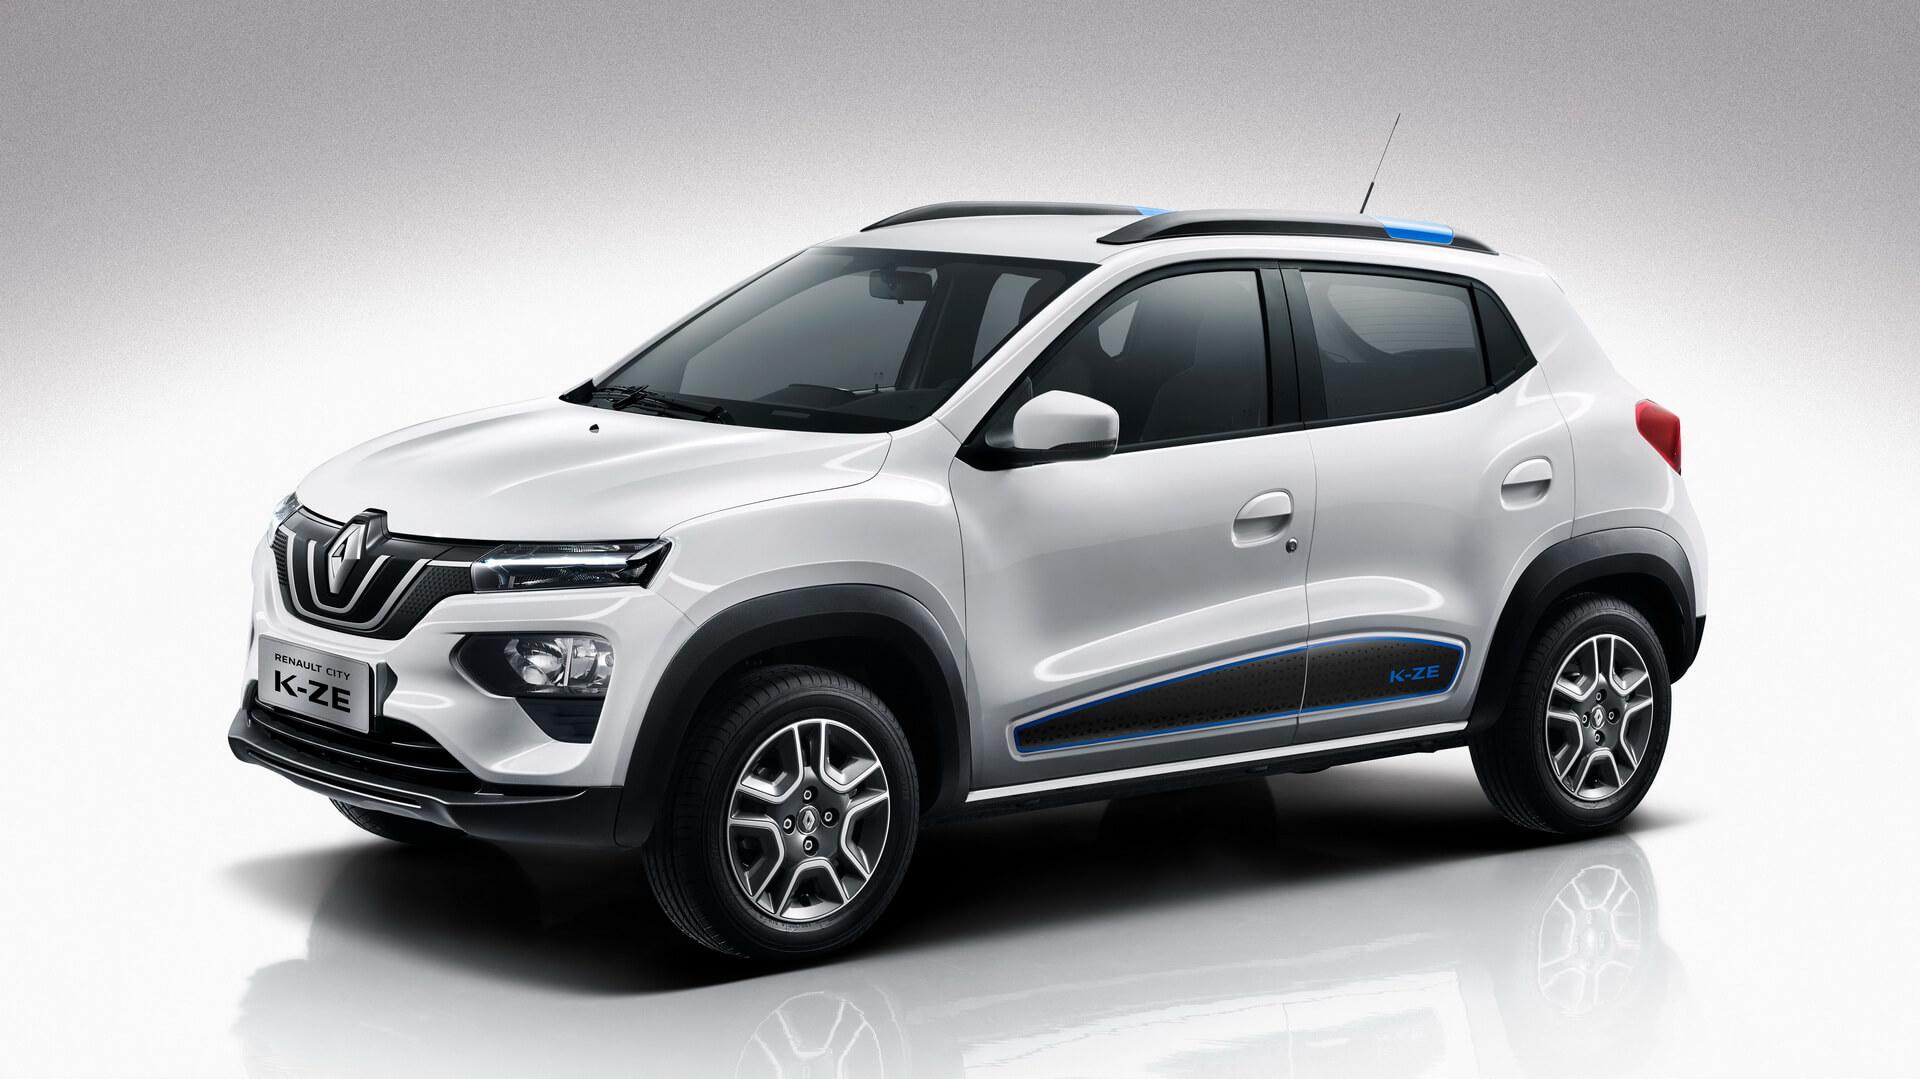 В Шанхае состоялась всемирная премьера Renault City K-ZE